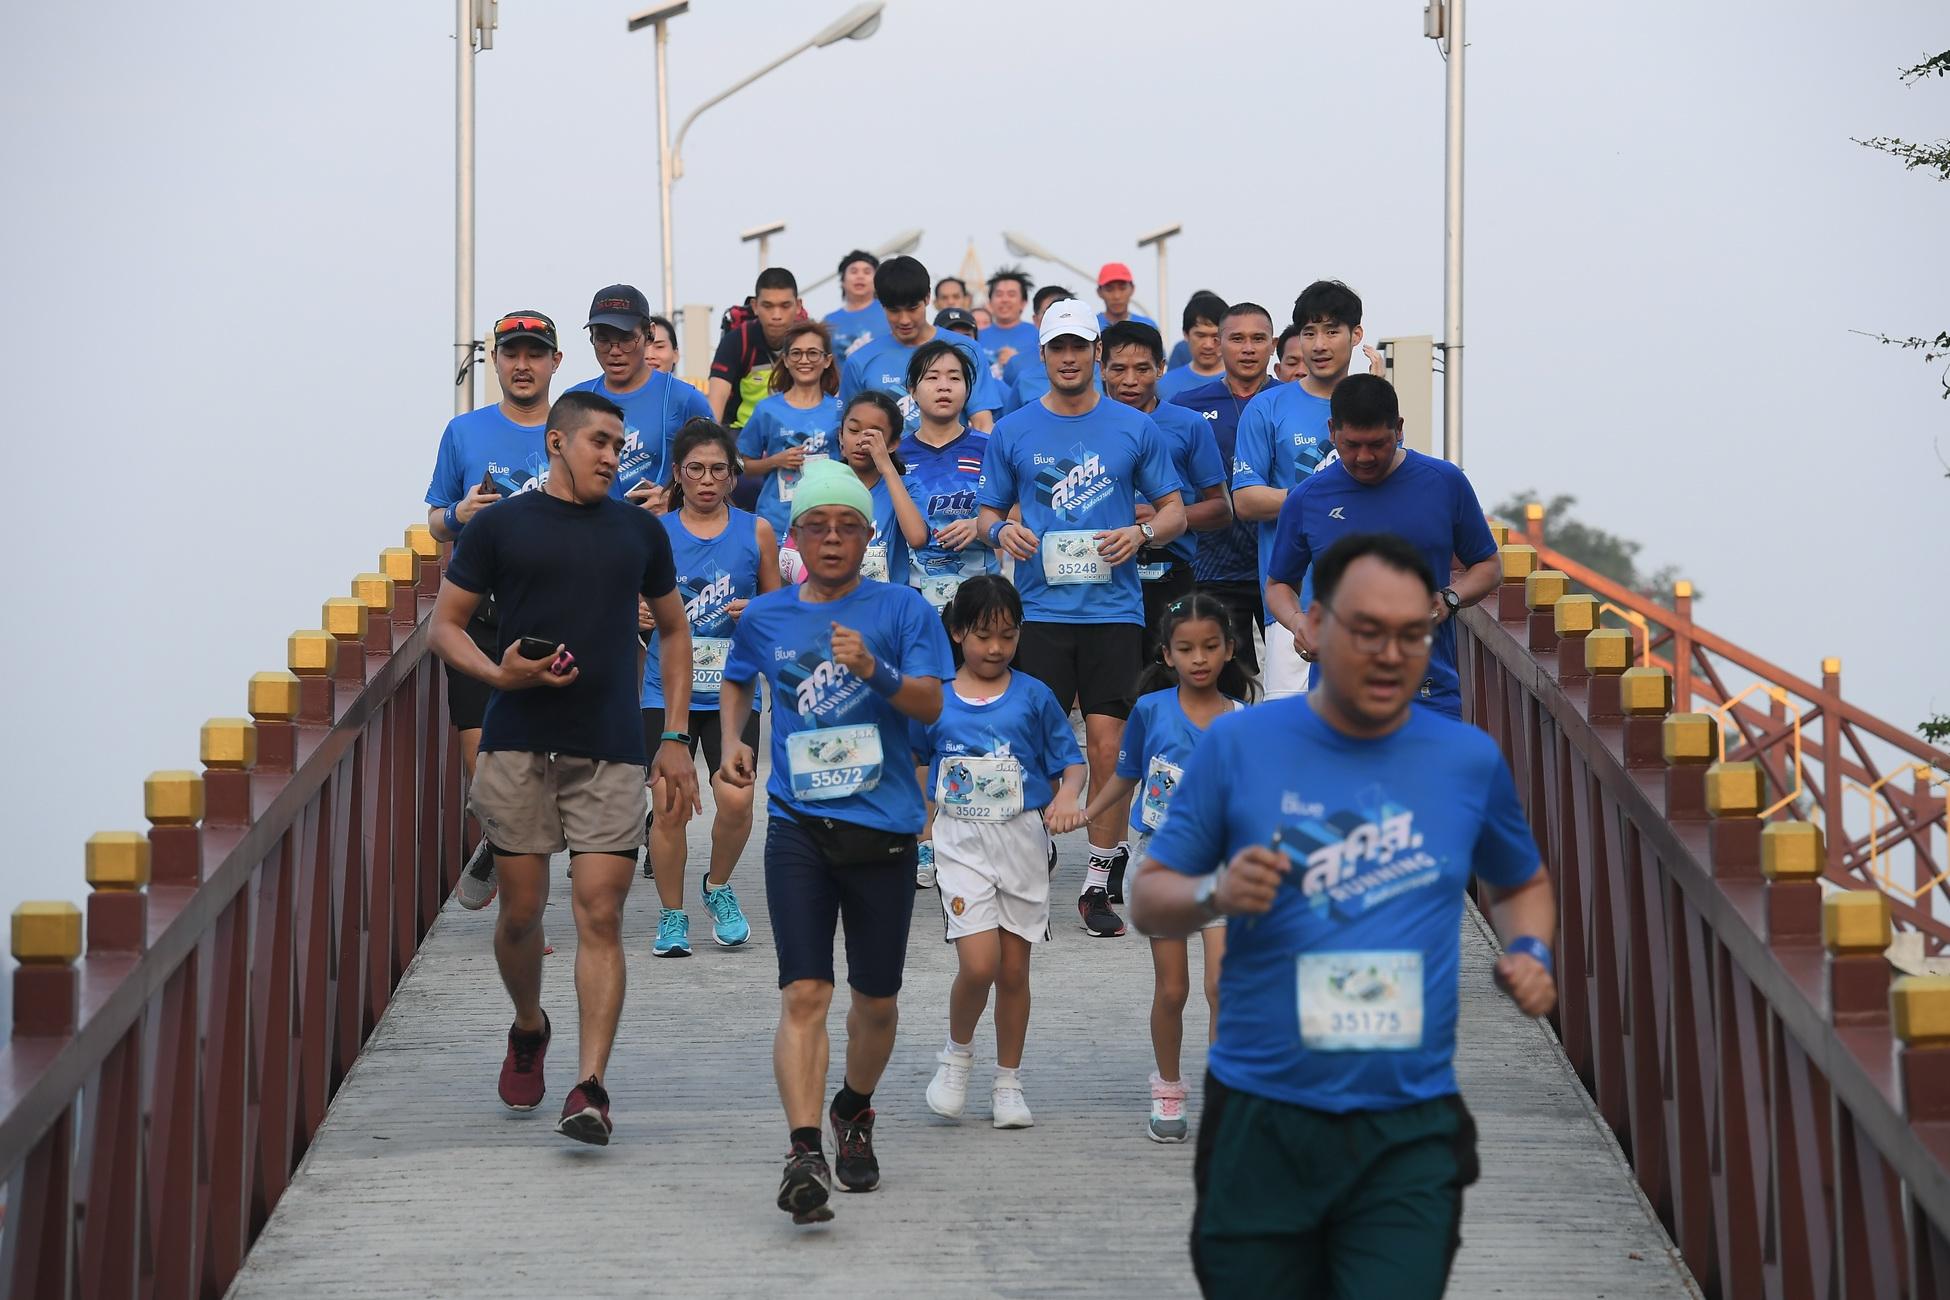 PTT Blue Card ชวนสมาชิกร่วมวิ่งการกุศล ส่งมอบความสุขท้ายปี